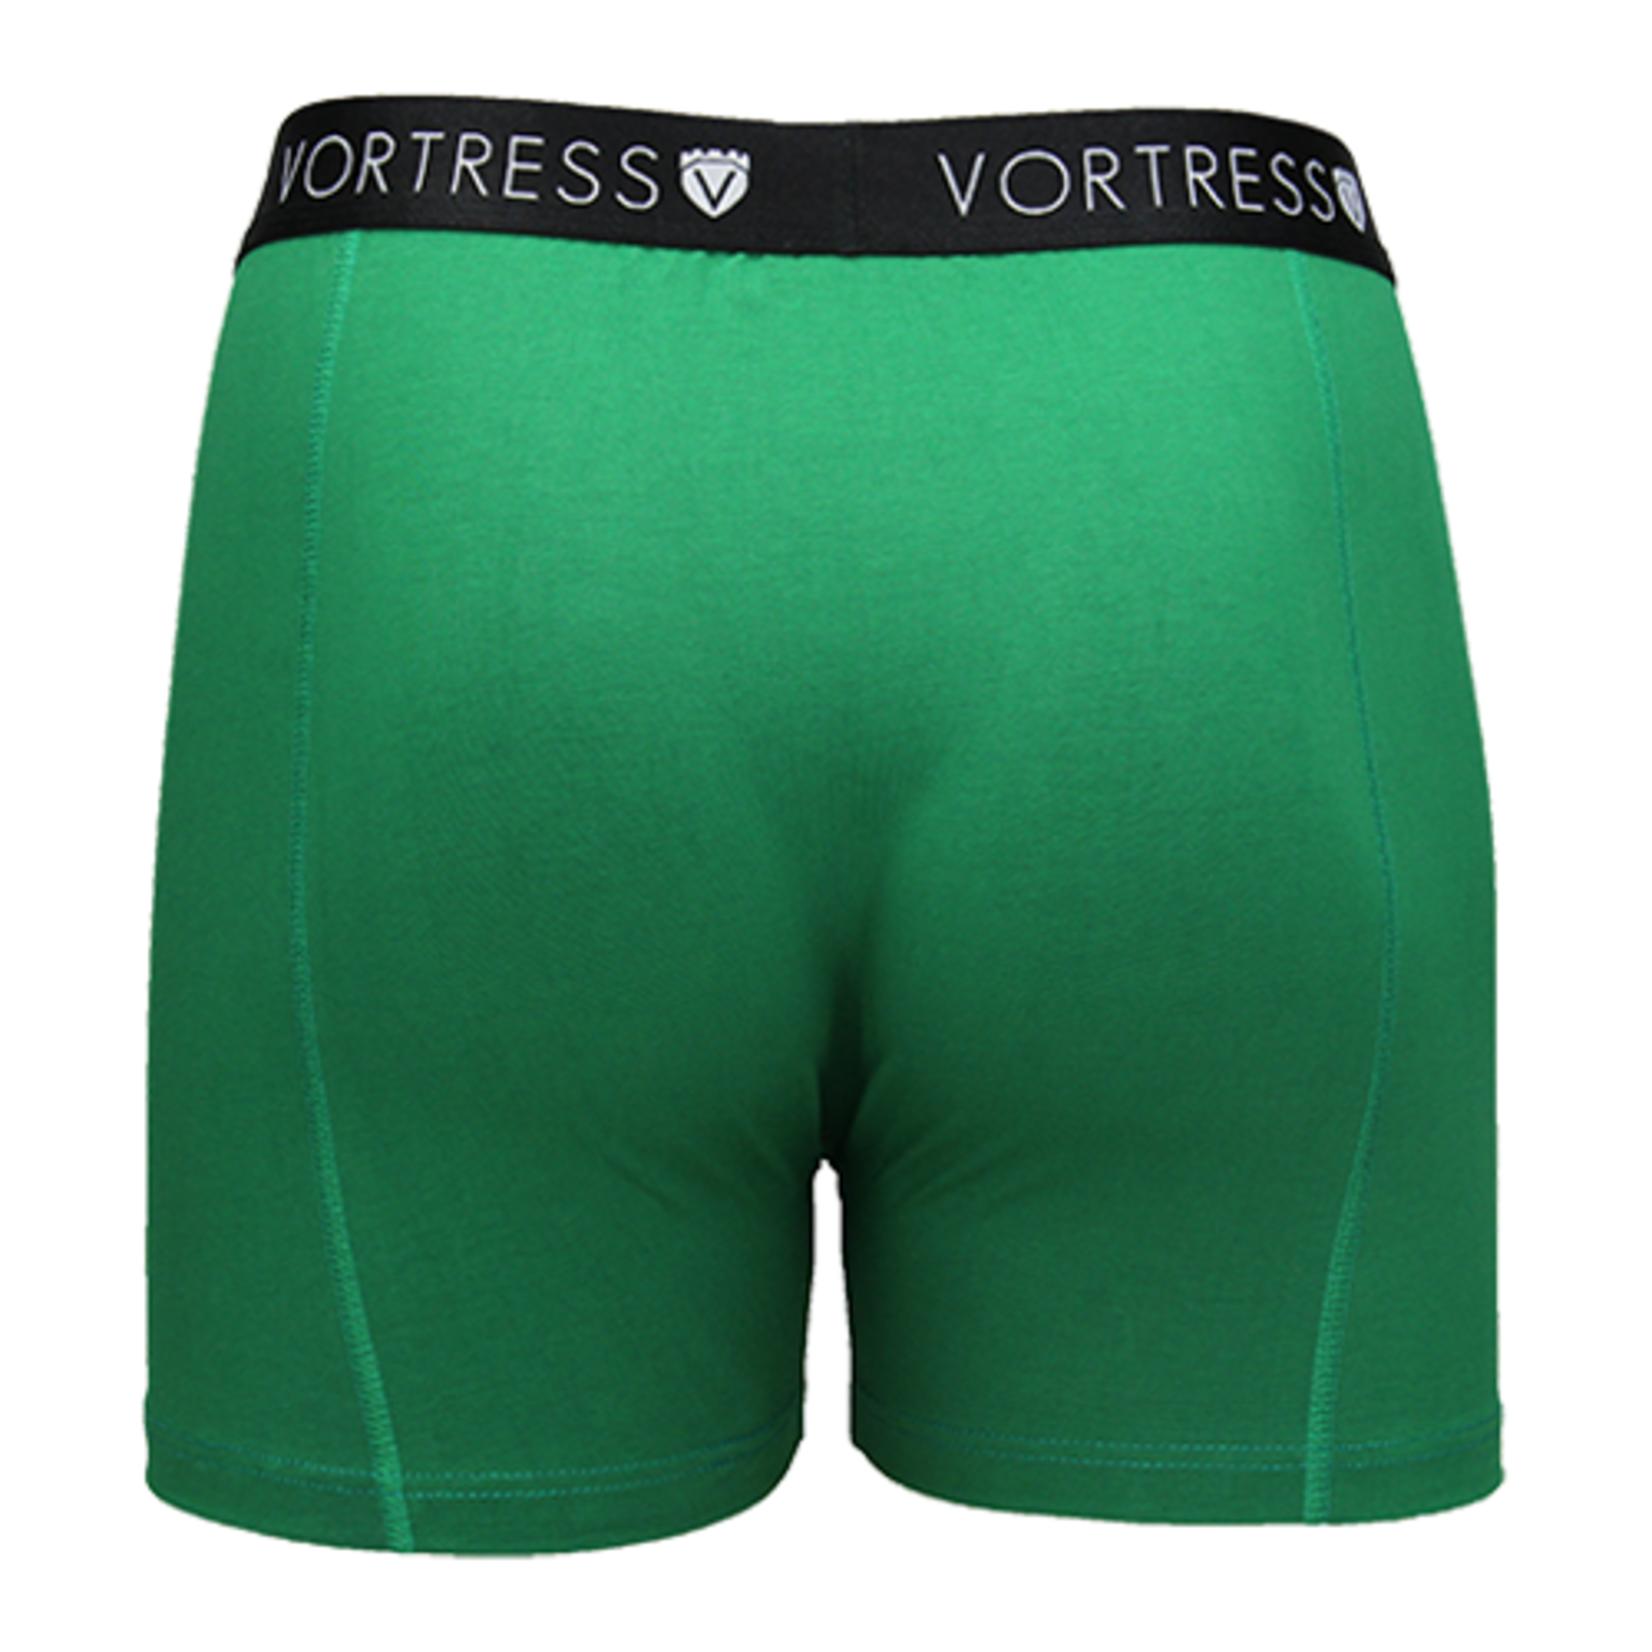 Vortress Green - Heren Boxershort